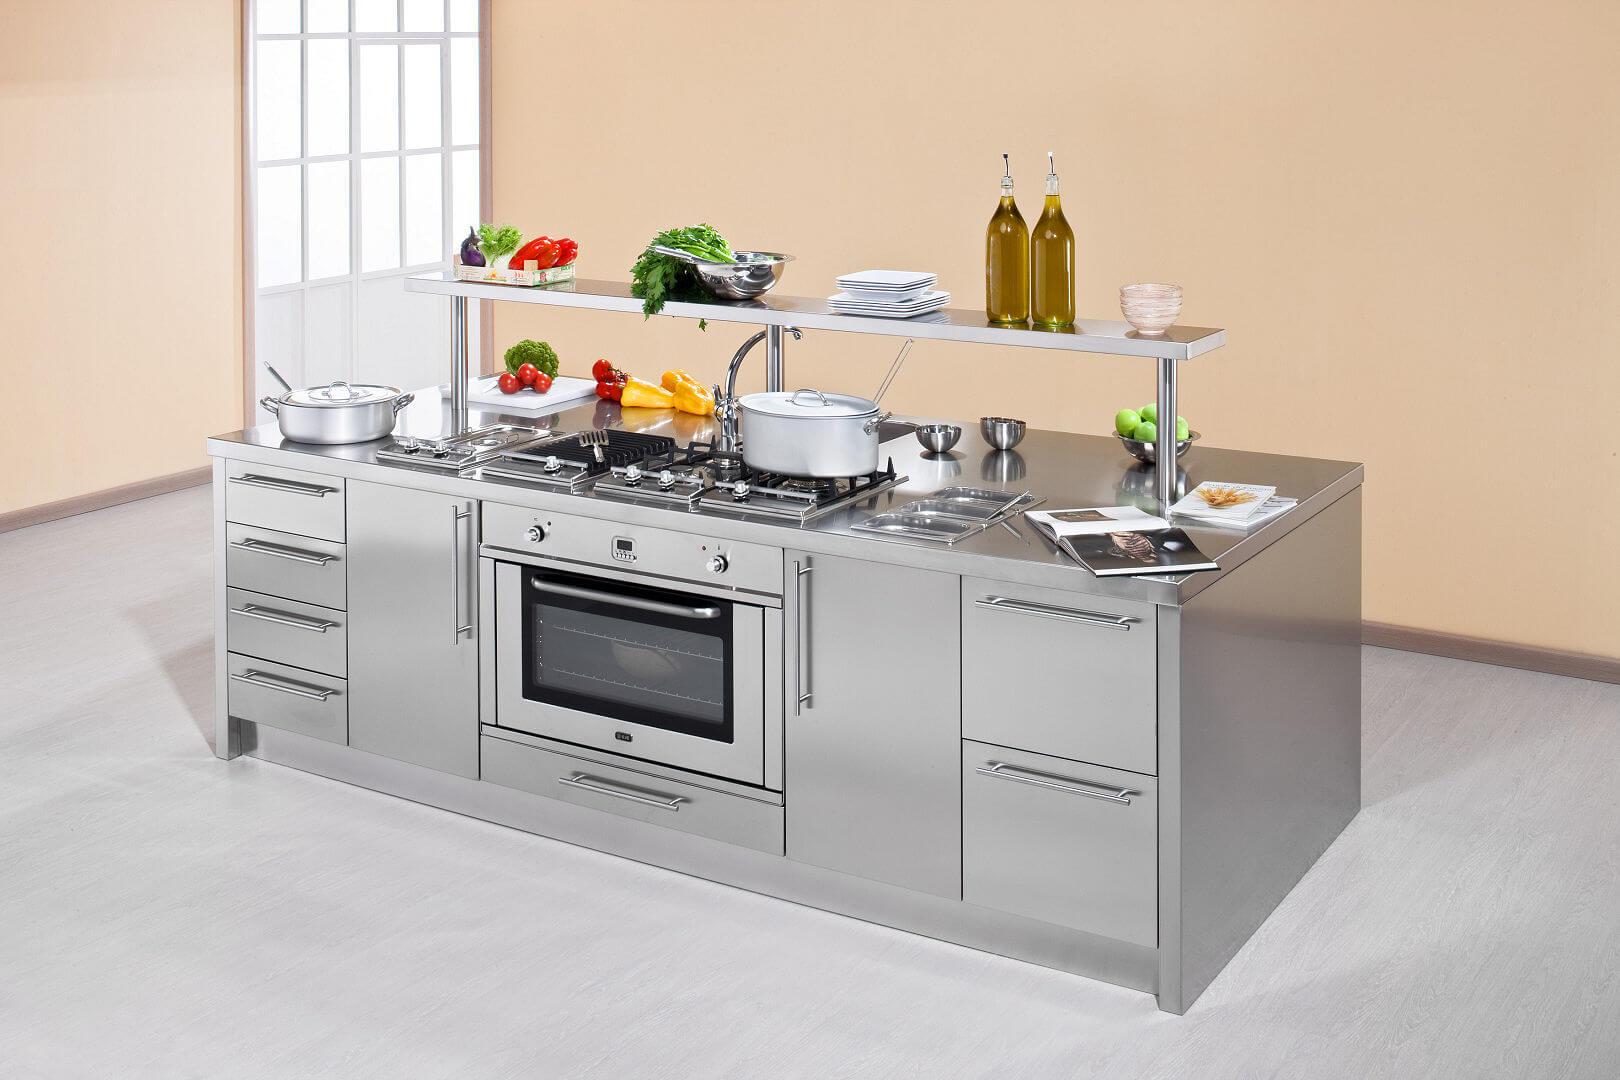 Work station arca cucine italia cucine in acciaio inox - Cucine in acciaio per casa ...